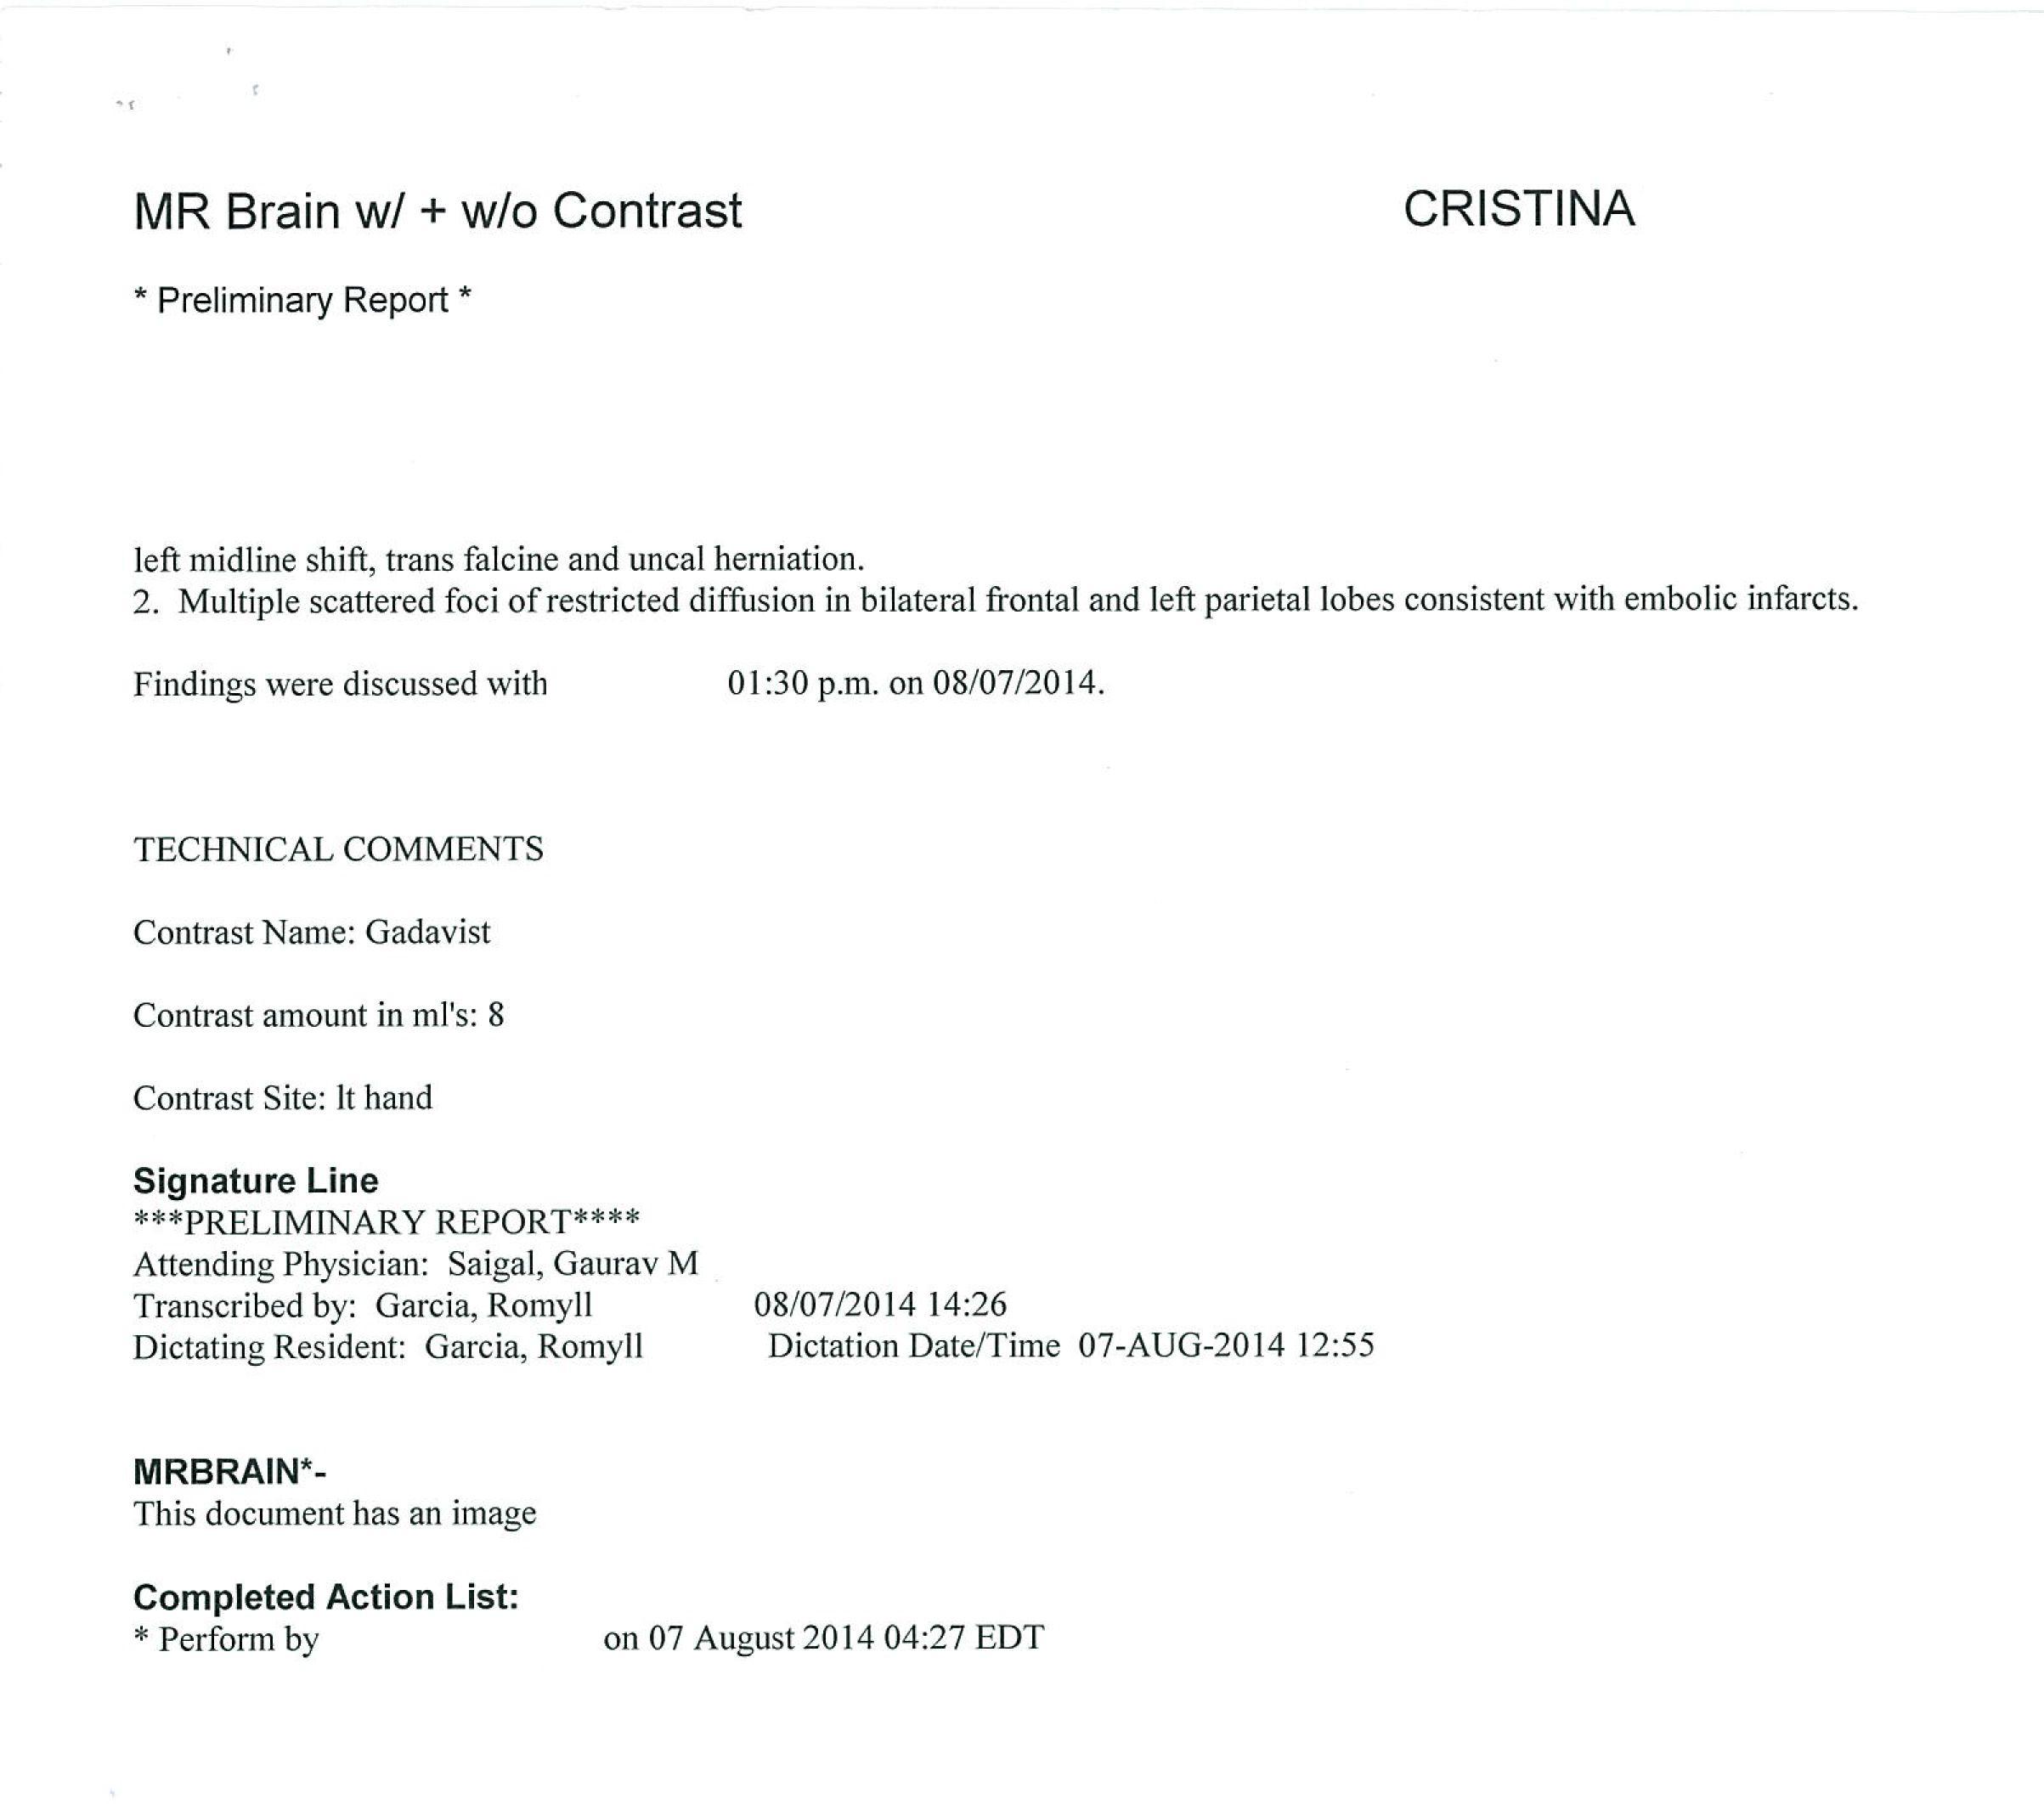 LifEscozul® - Cristina 5 - Cáncer Cerebral